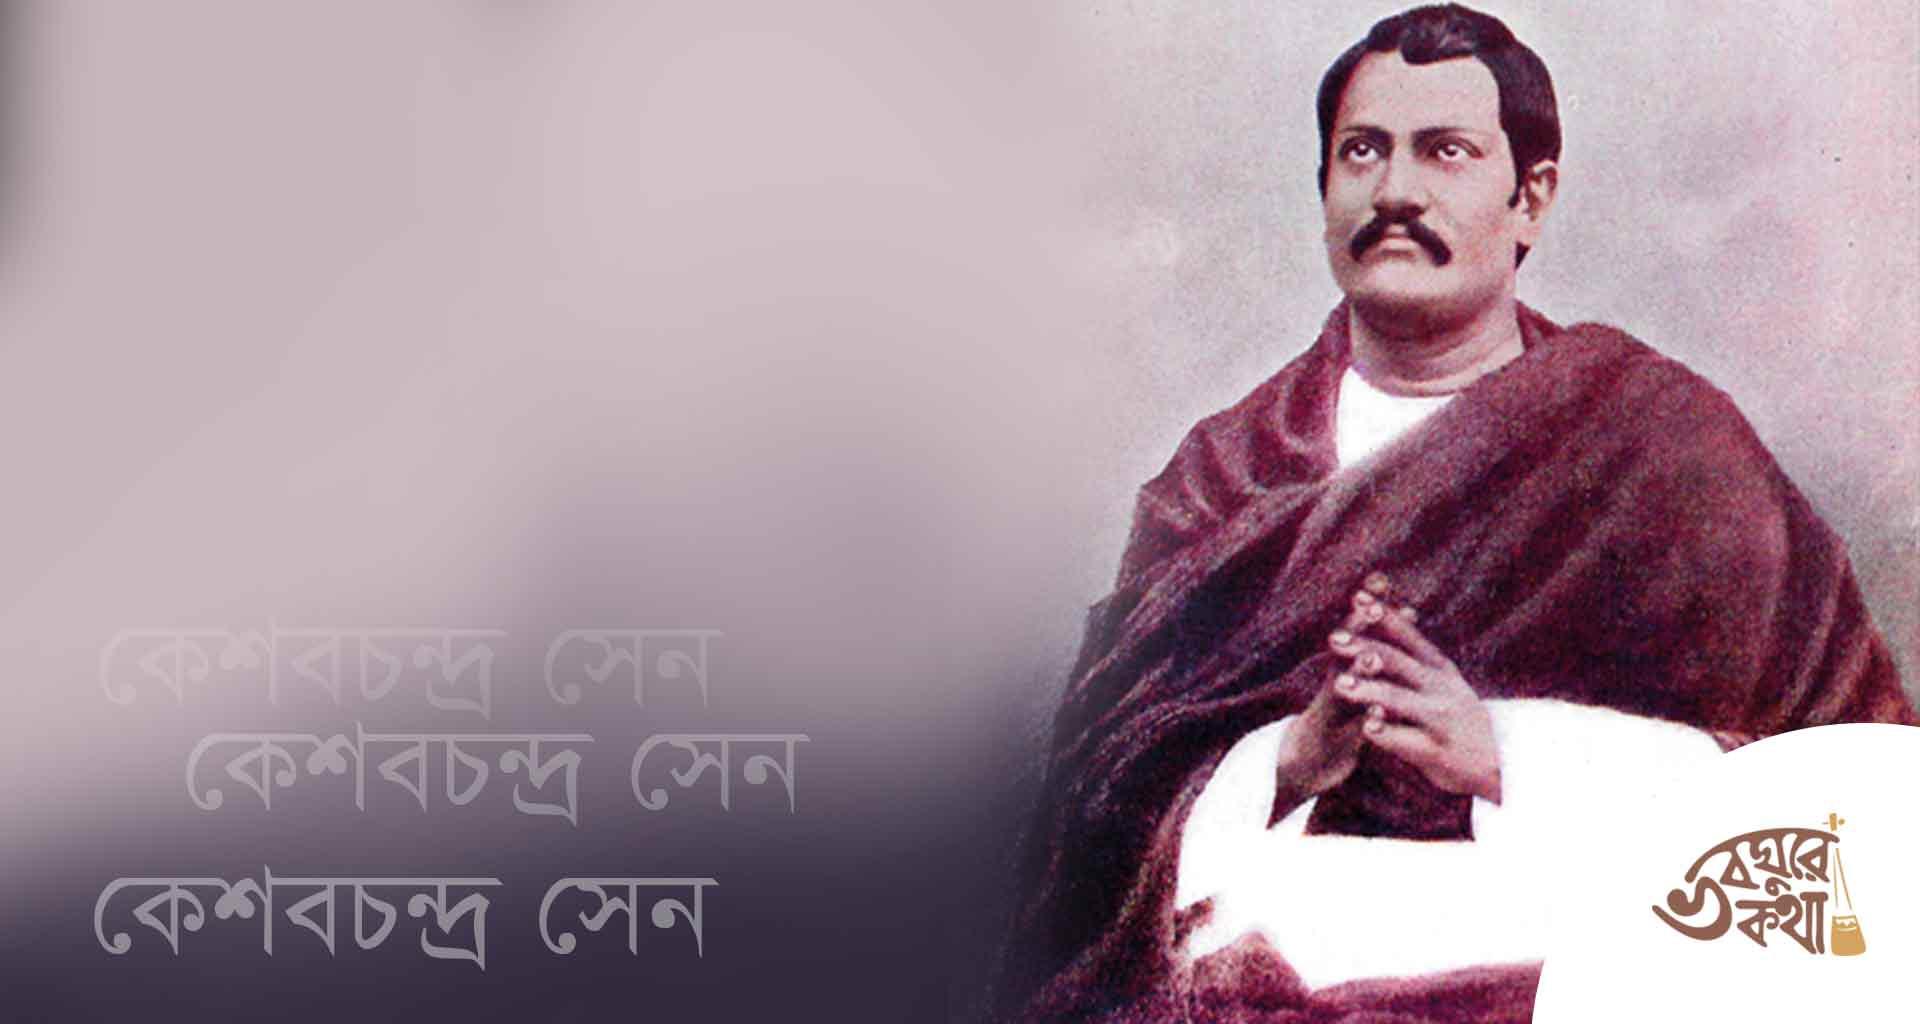 ব্রাহ্মনেতা কেশবচন্দ্র সেন